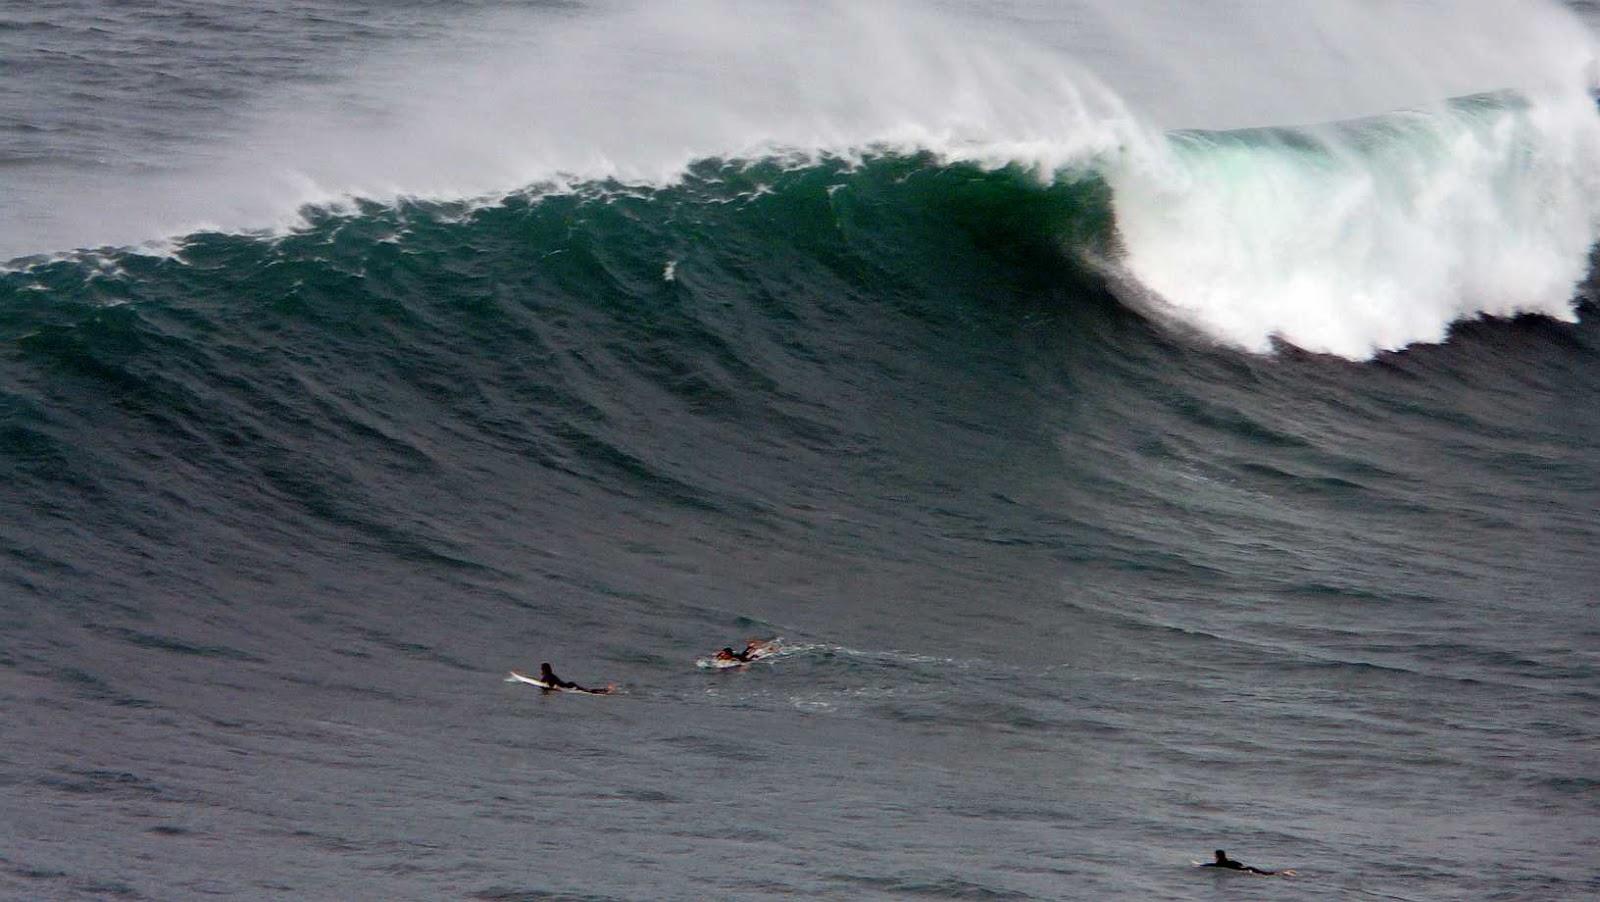 sesion otono menakoz septiembre 2015 surf olas grandes 15